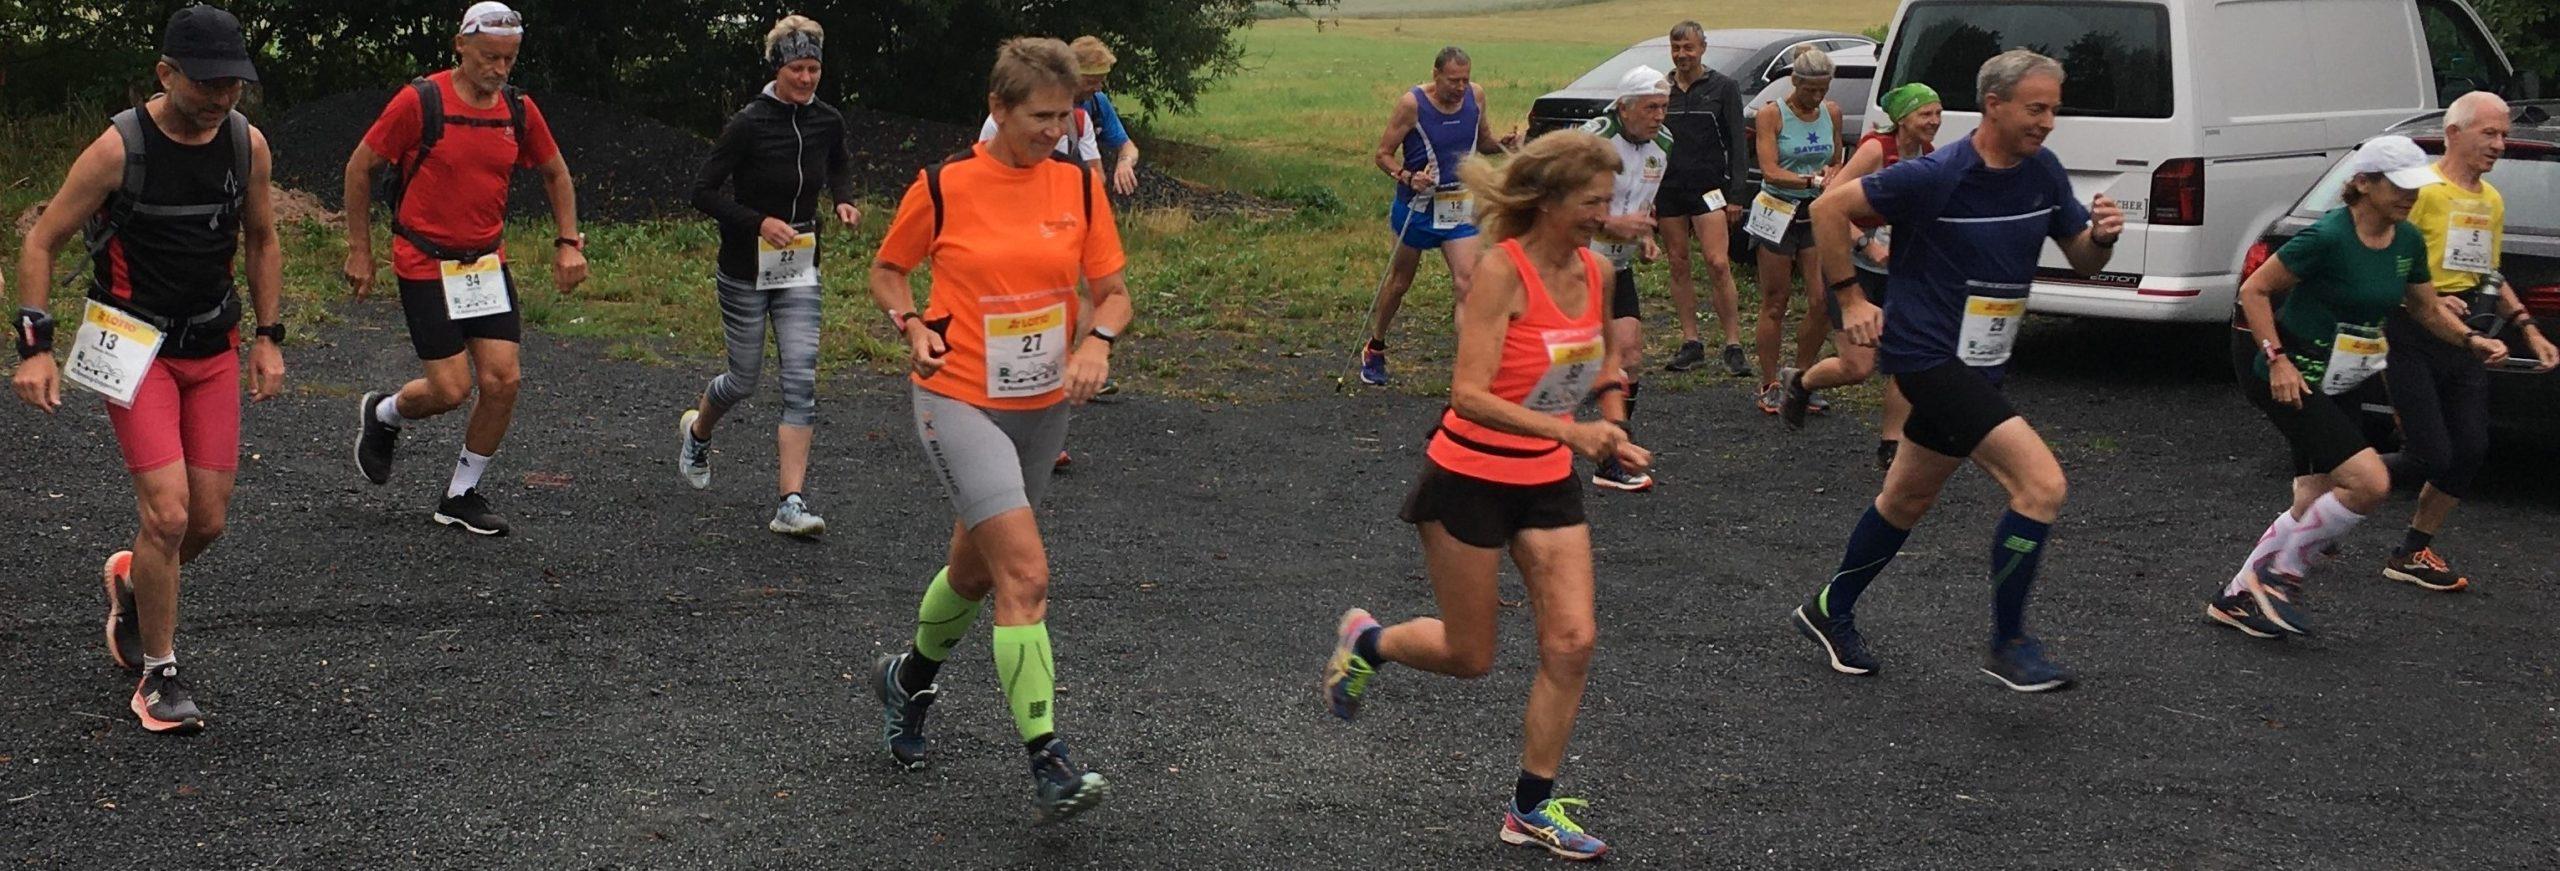 48. Rennsteig-Etappenlauf: Sandra Bunk und Steffen Weber schnellste Aktive